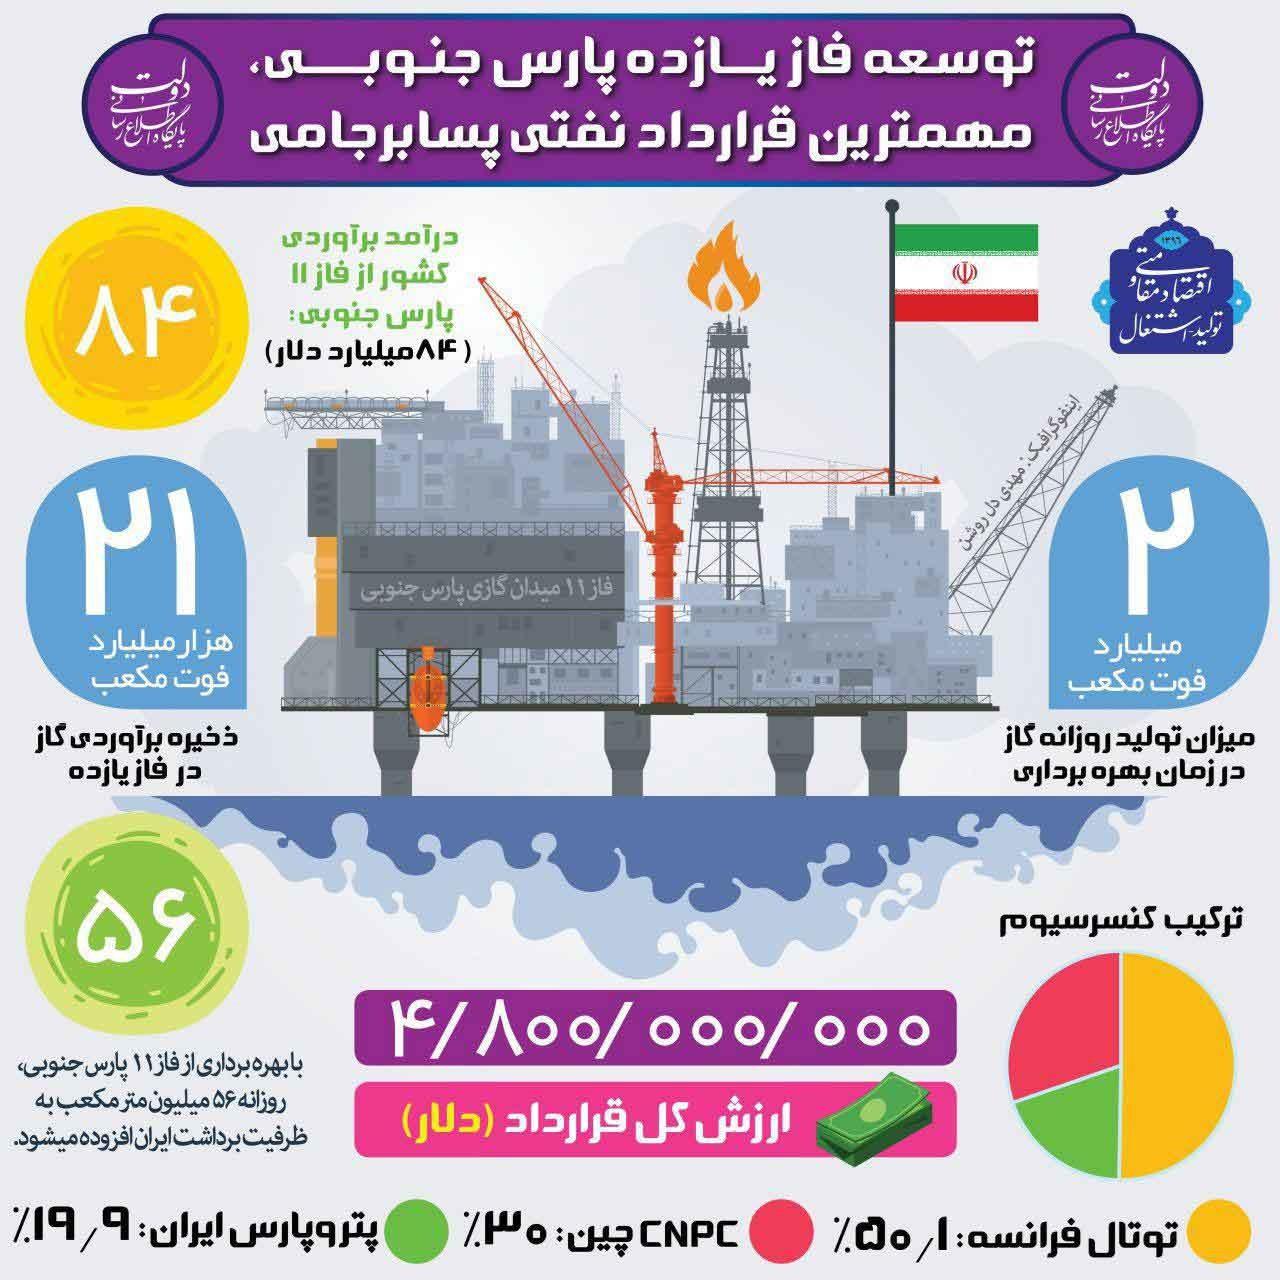 اینفوگرافیک | نگاهی به مهمترین قرارداد نفتی بعد از برجام